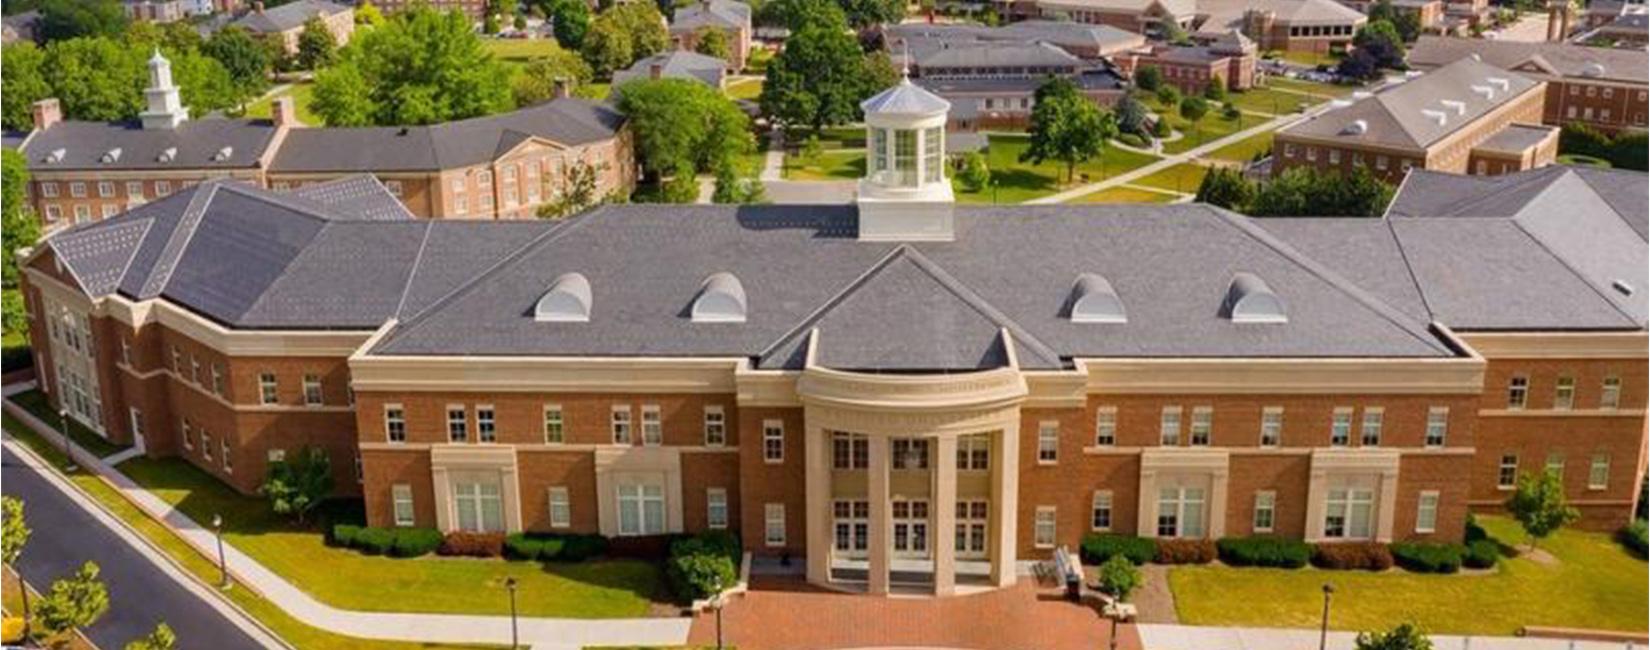 Aerial photo of Radford University Campus.